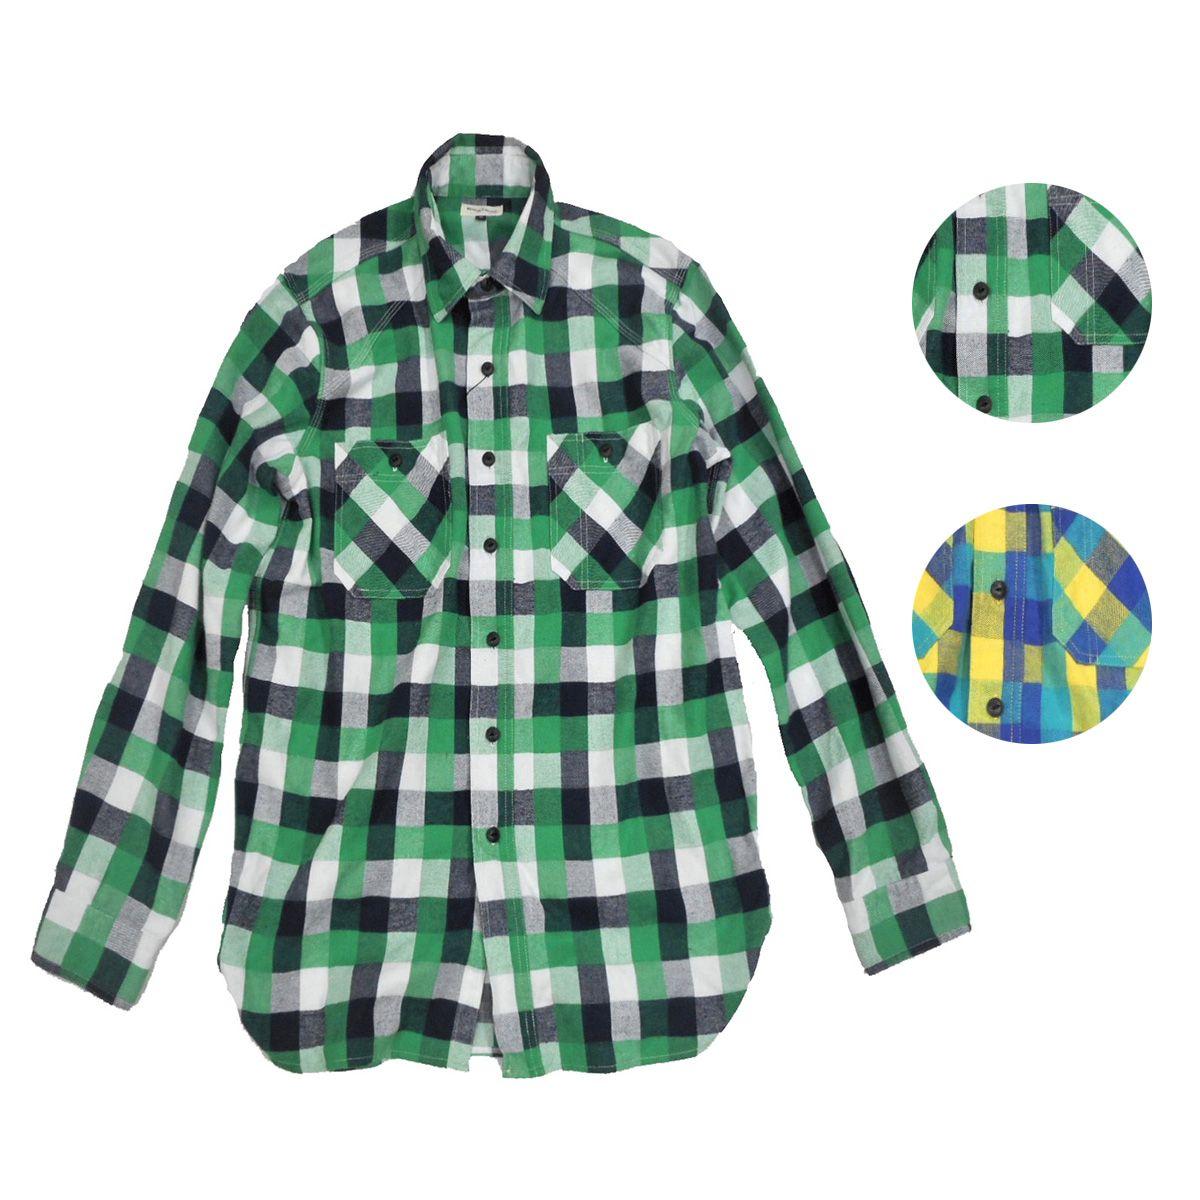 画像1: BACK HEAD バックヘッド ライトネルワークシャツ 全2色 メンズ (1)